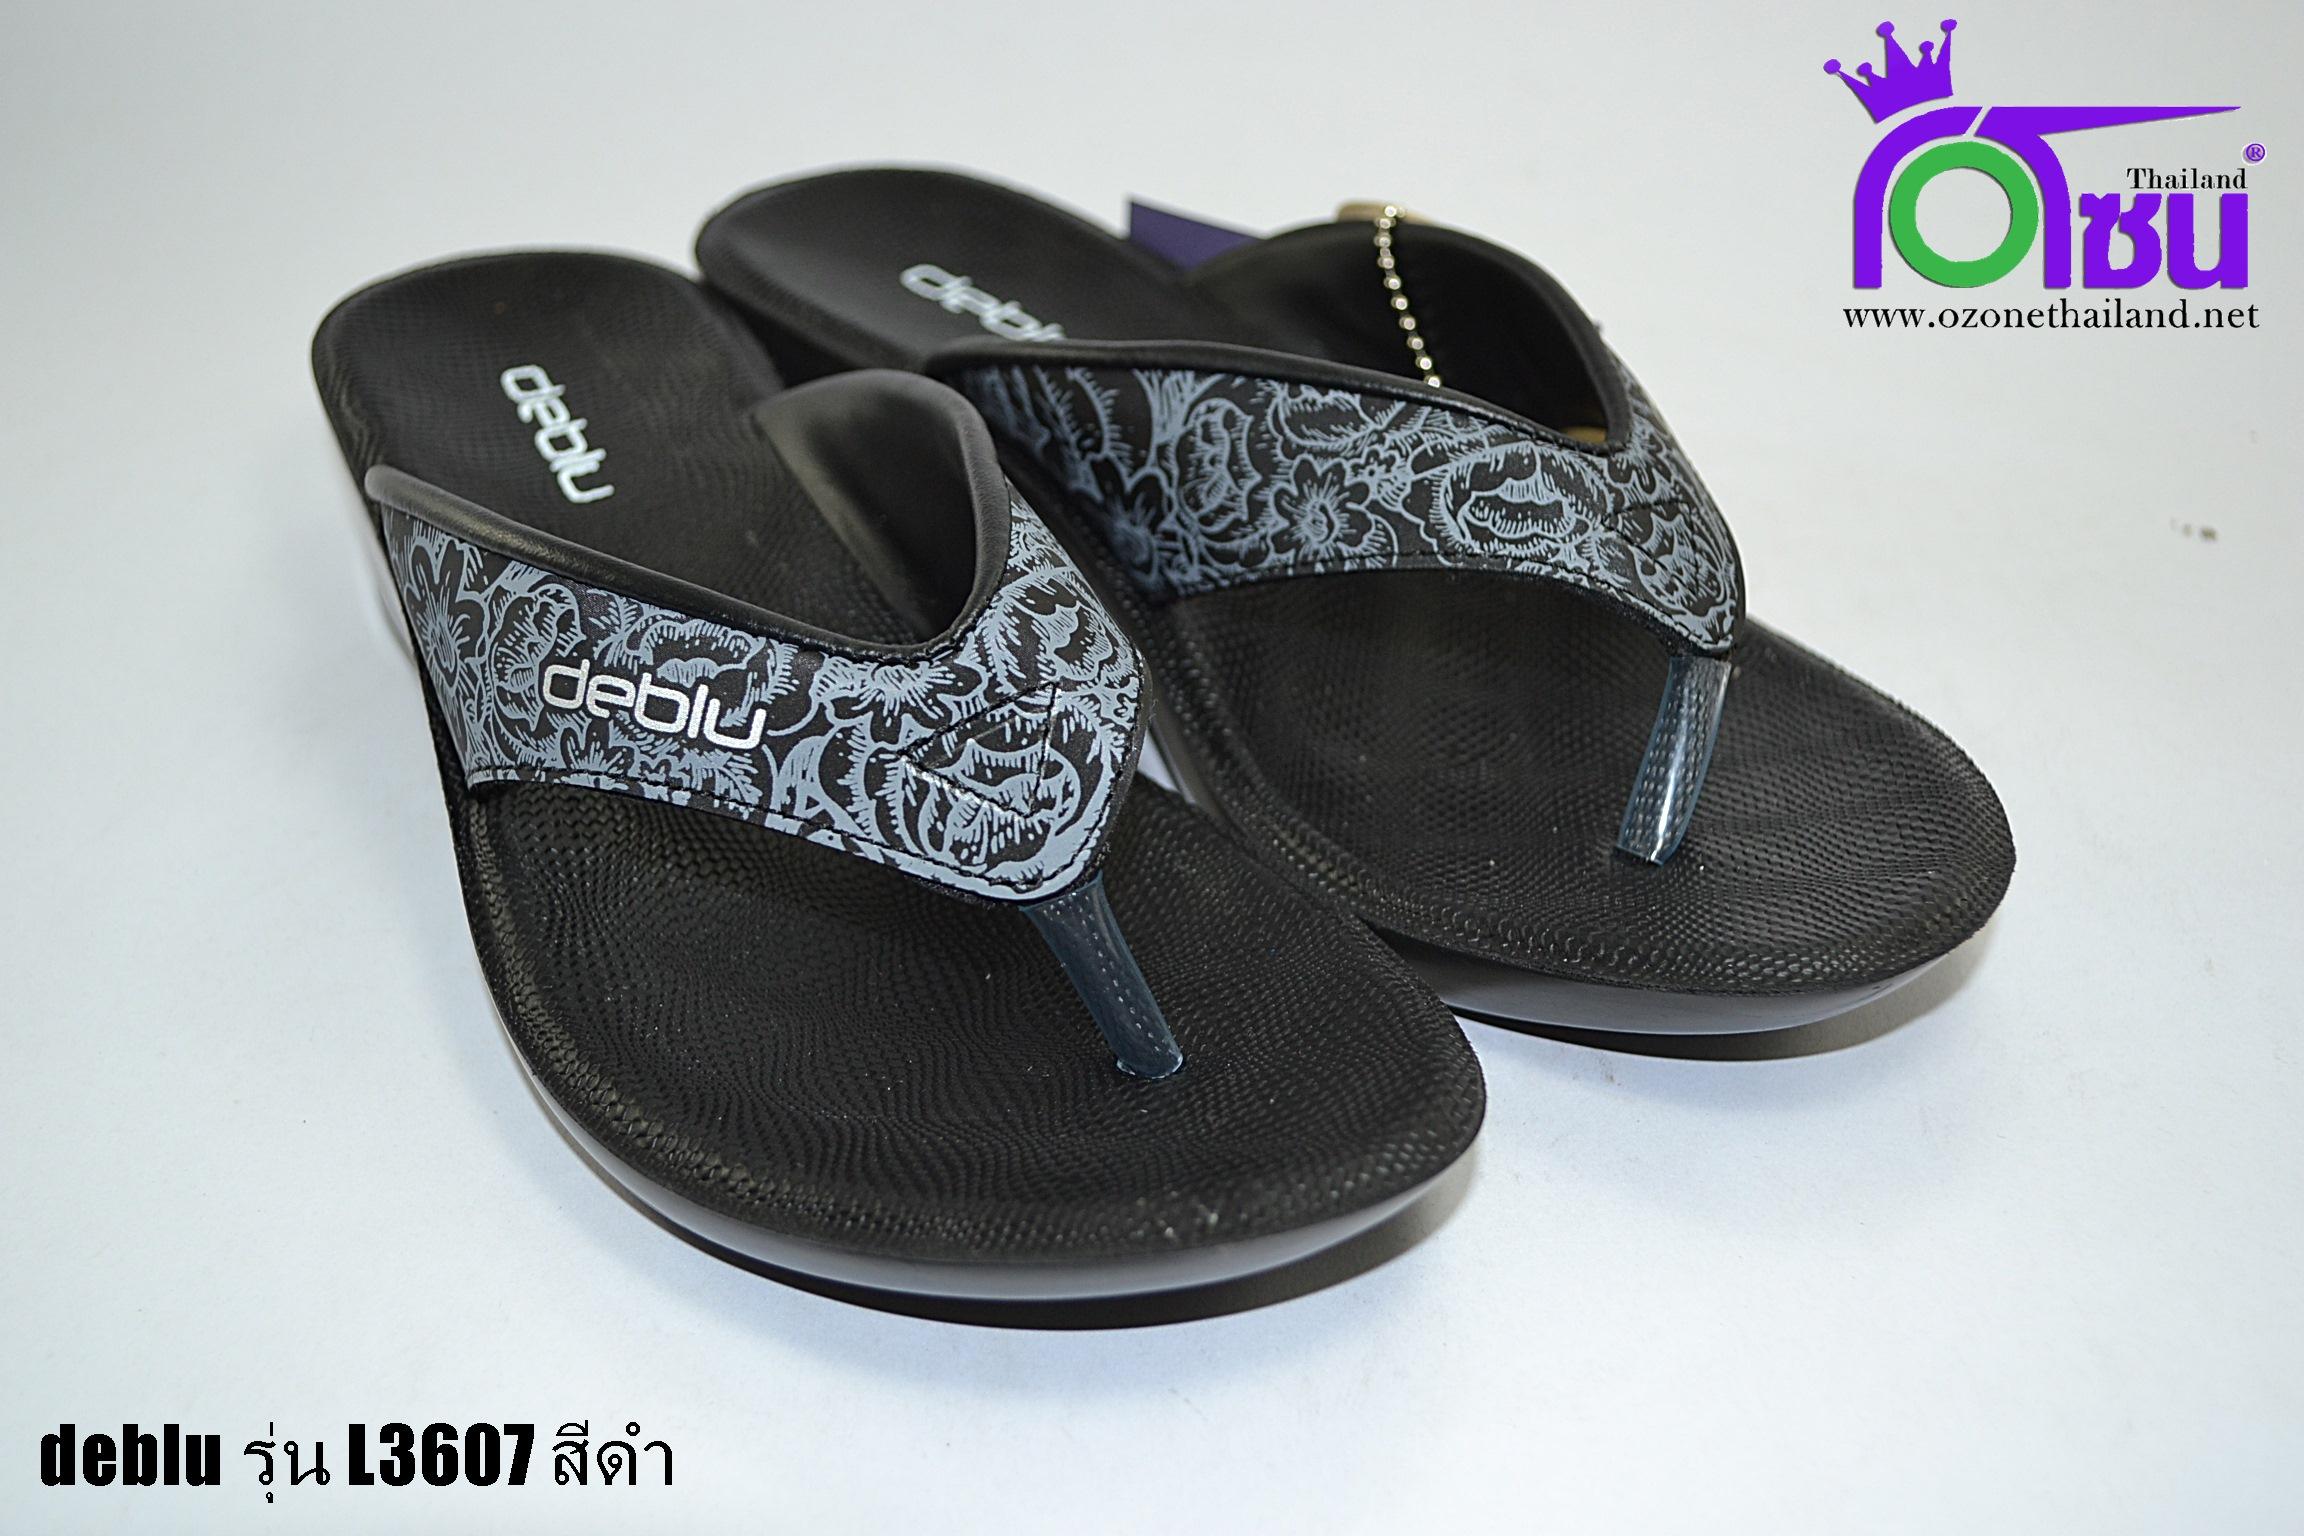 รองเท้าเดอบลูdebul รุ่นL3607 สีดำ เบอร์ 36-41